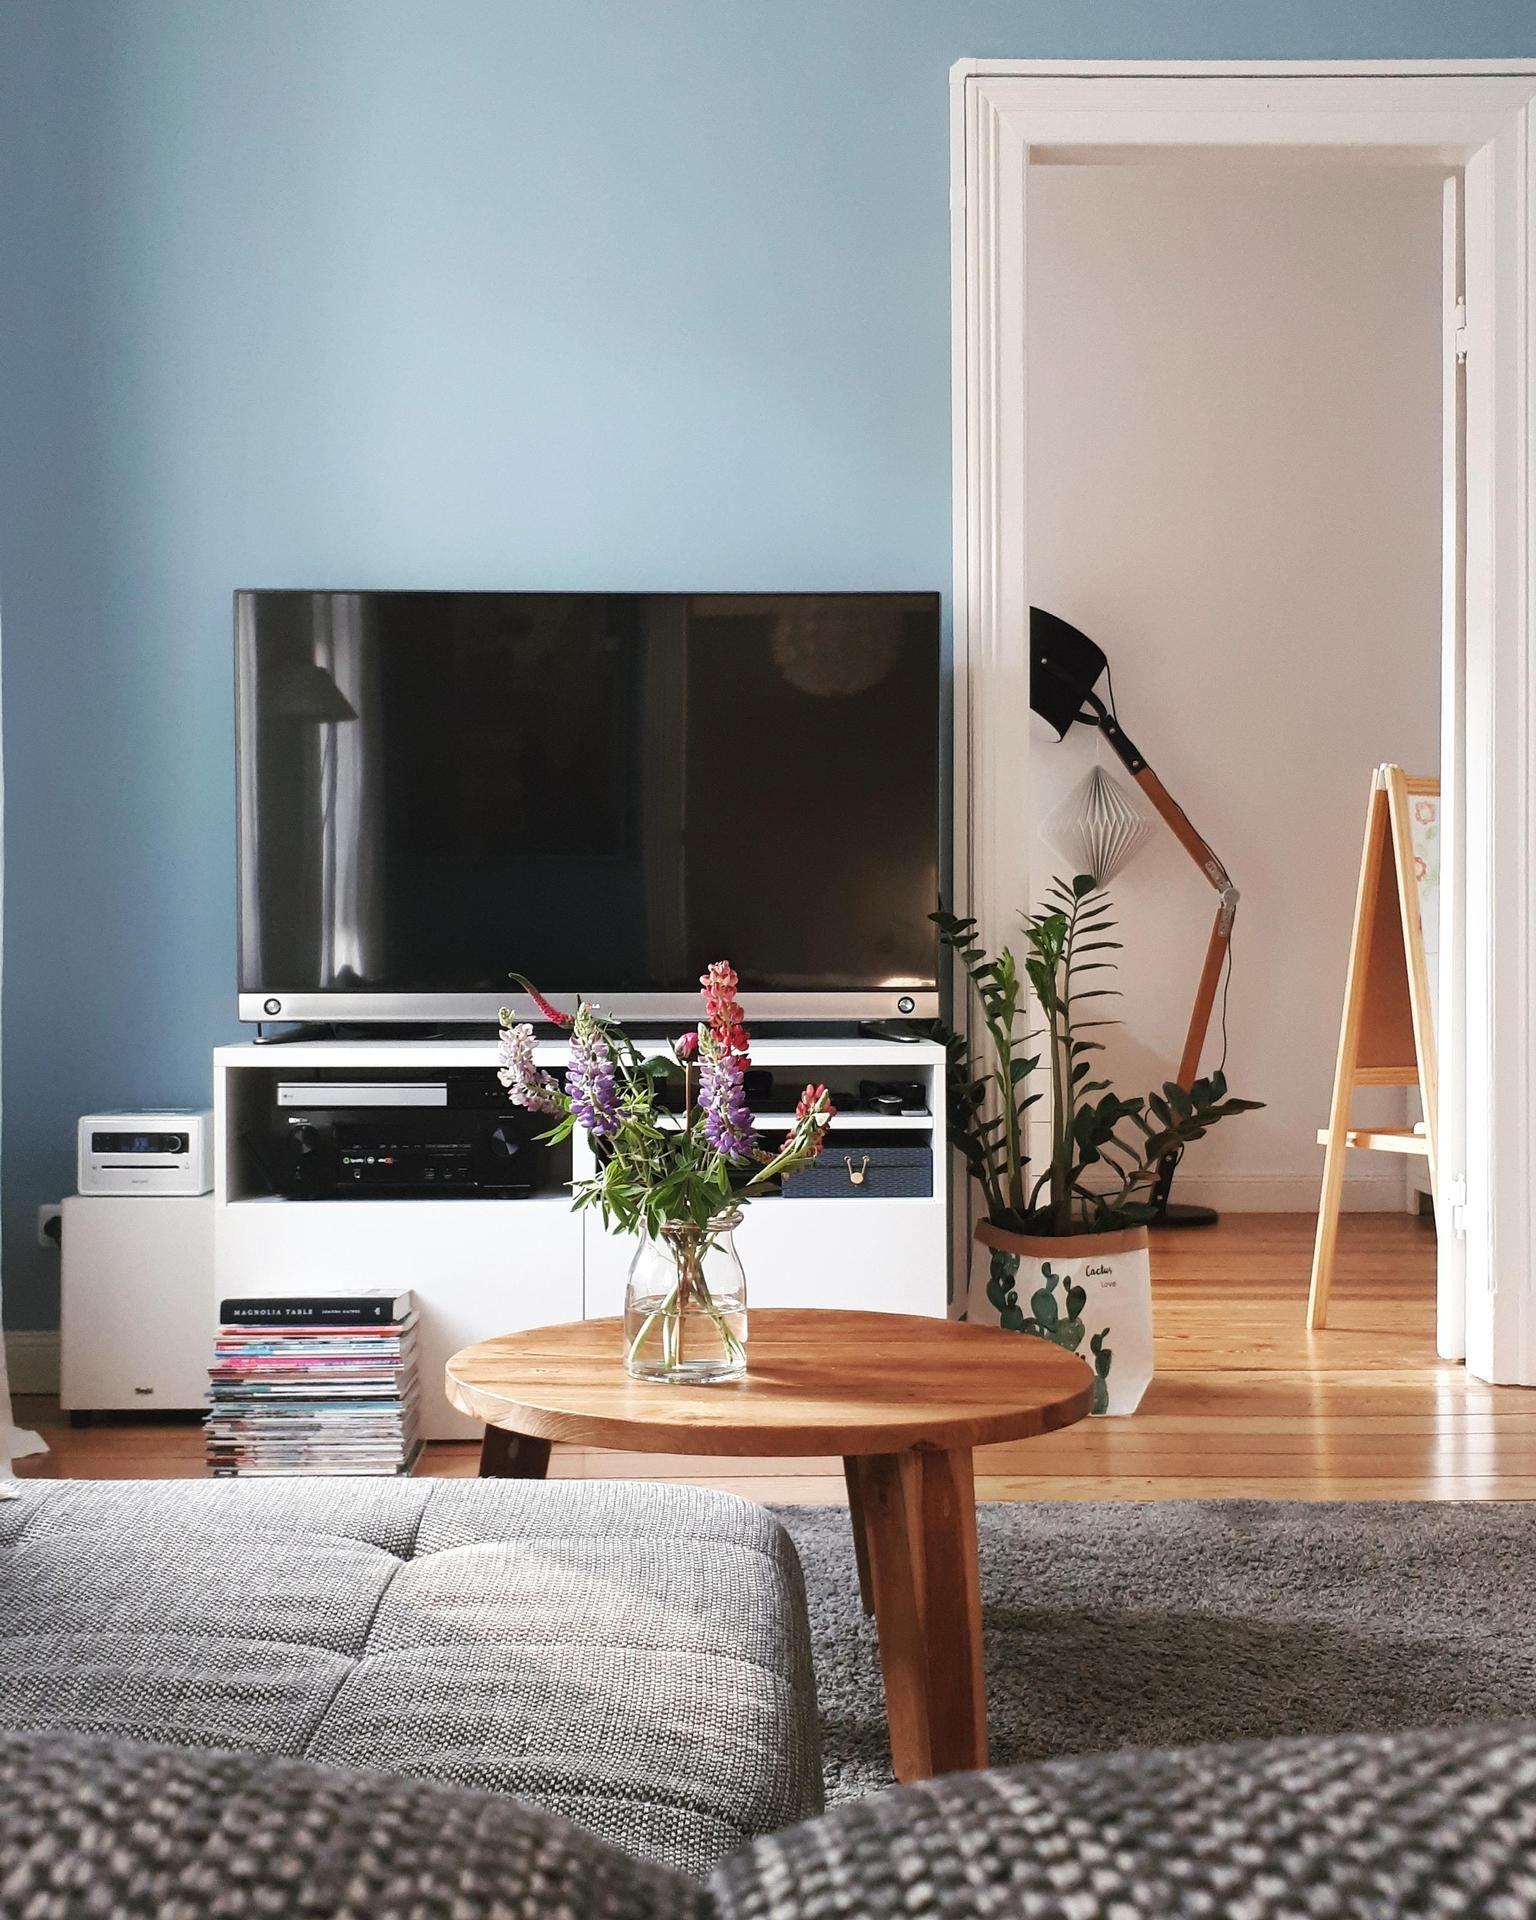 Wandfarbe Taubenblau: Eine Unserer Wandfarben-Favoriten Ist Dieses Jahr Ganz